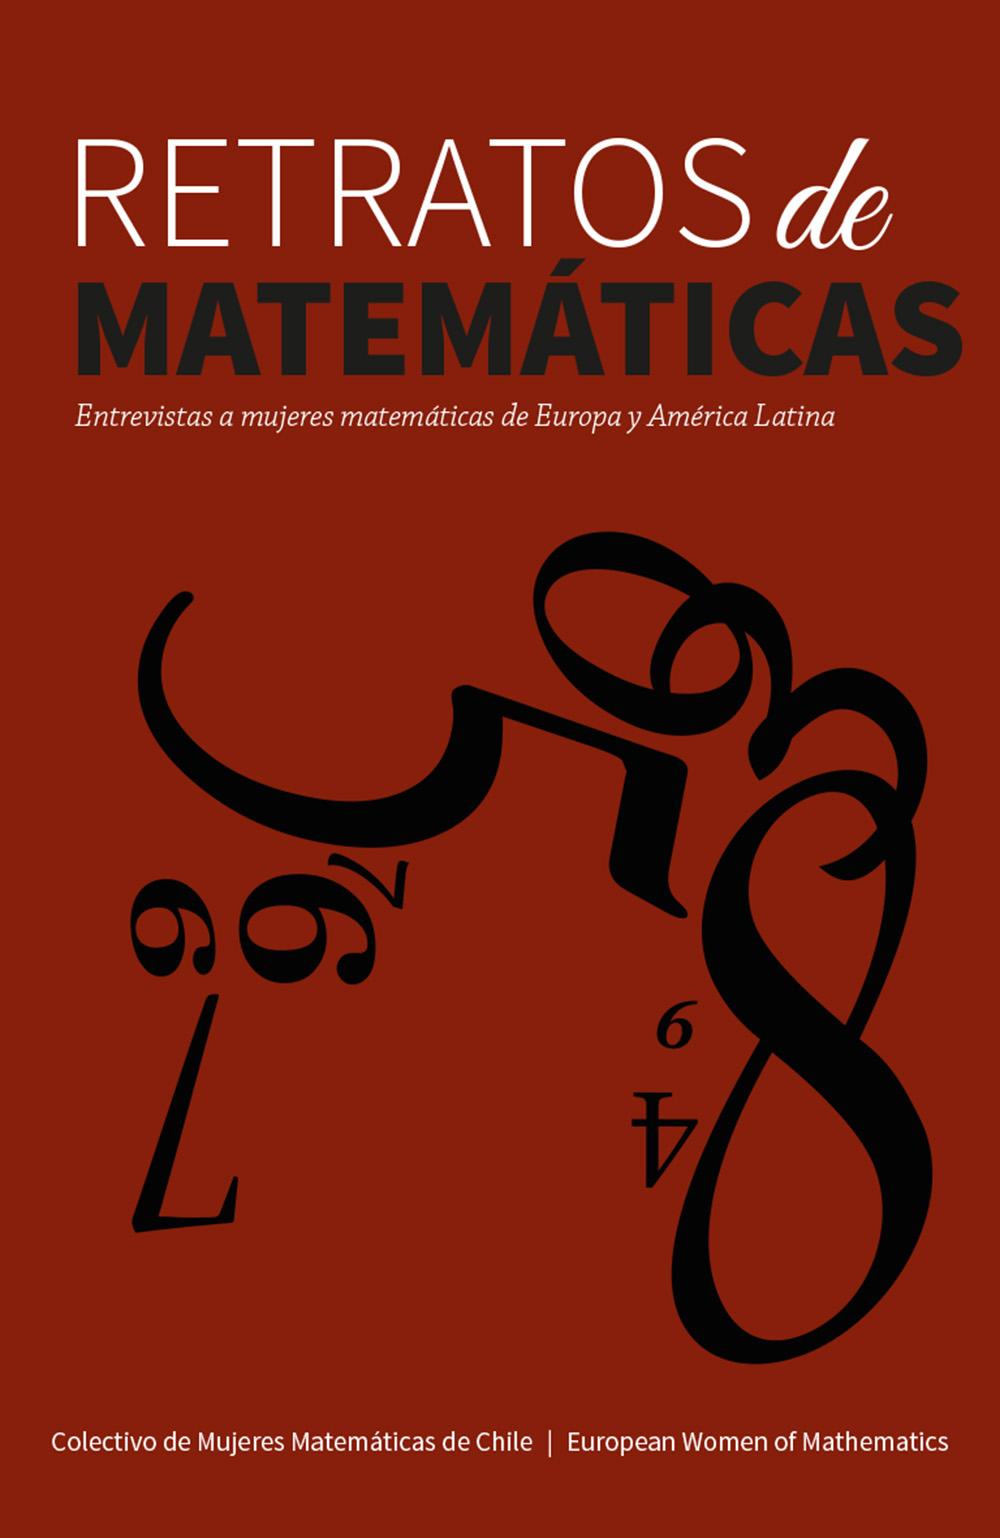 Retratos de matemáticas-1